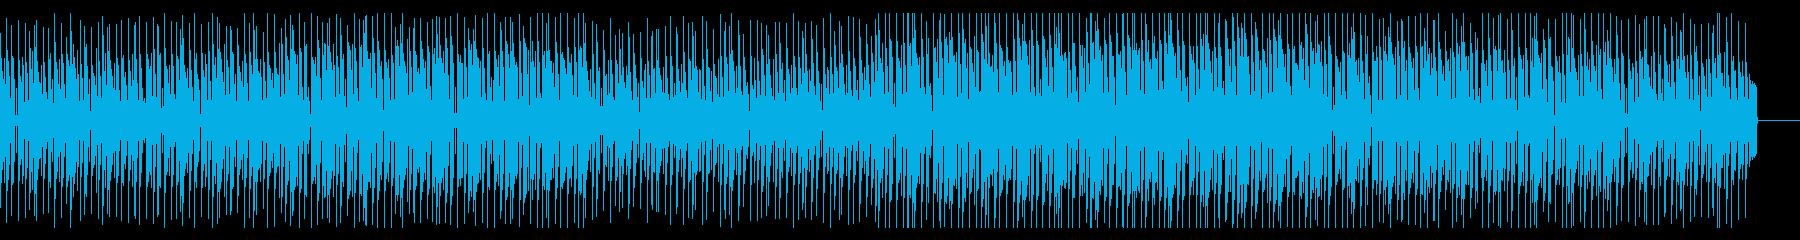 明るく楽しそうな雰囲気のBGMの再生済みの波形